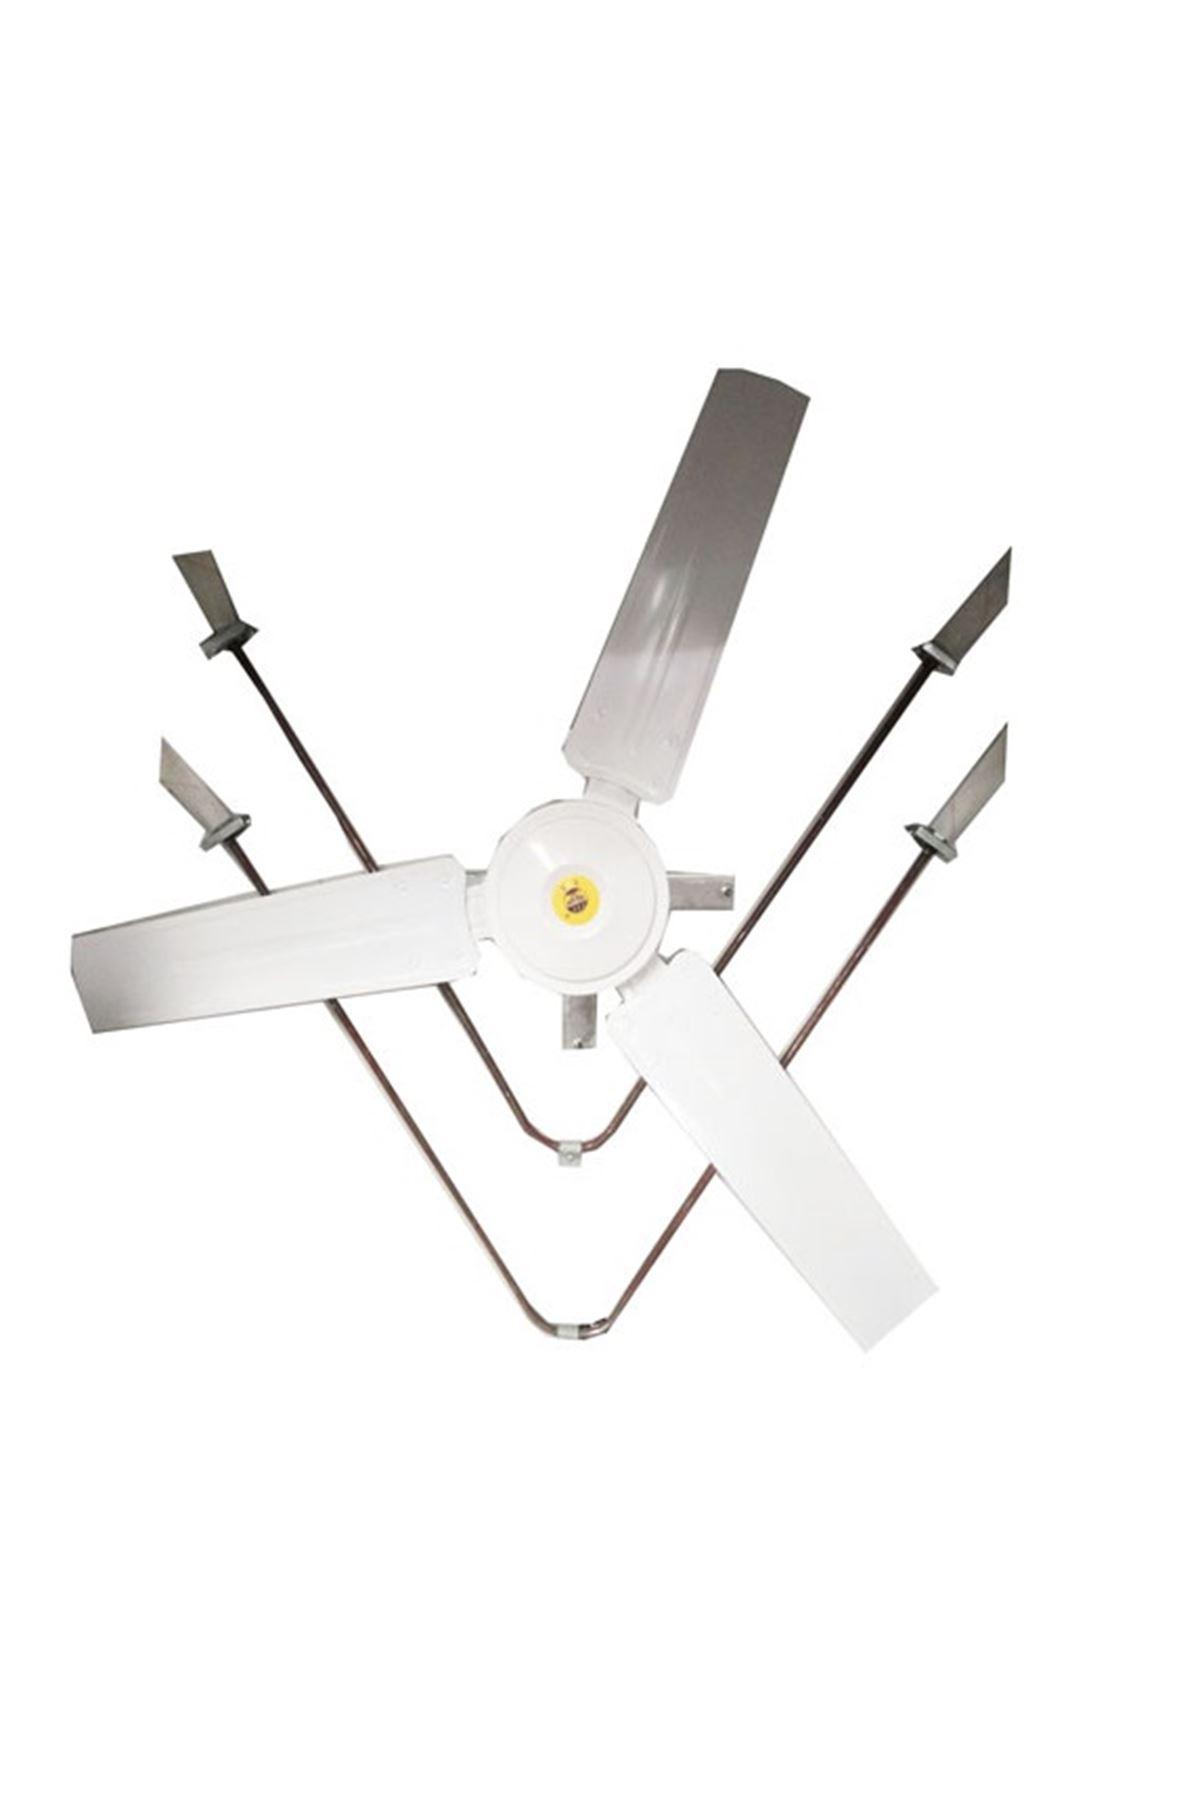 3 Yapraklı Kuluçka Makinesi Fanı